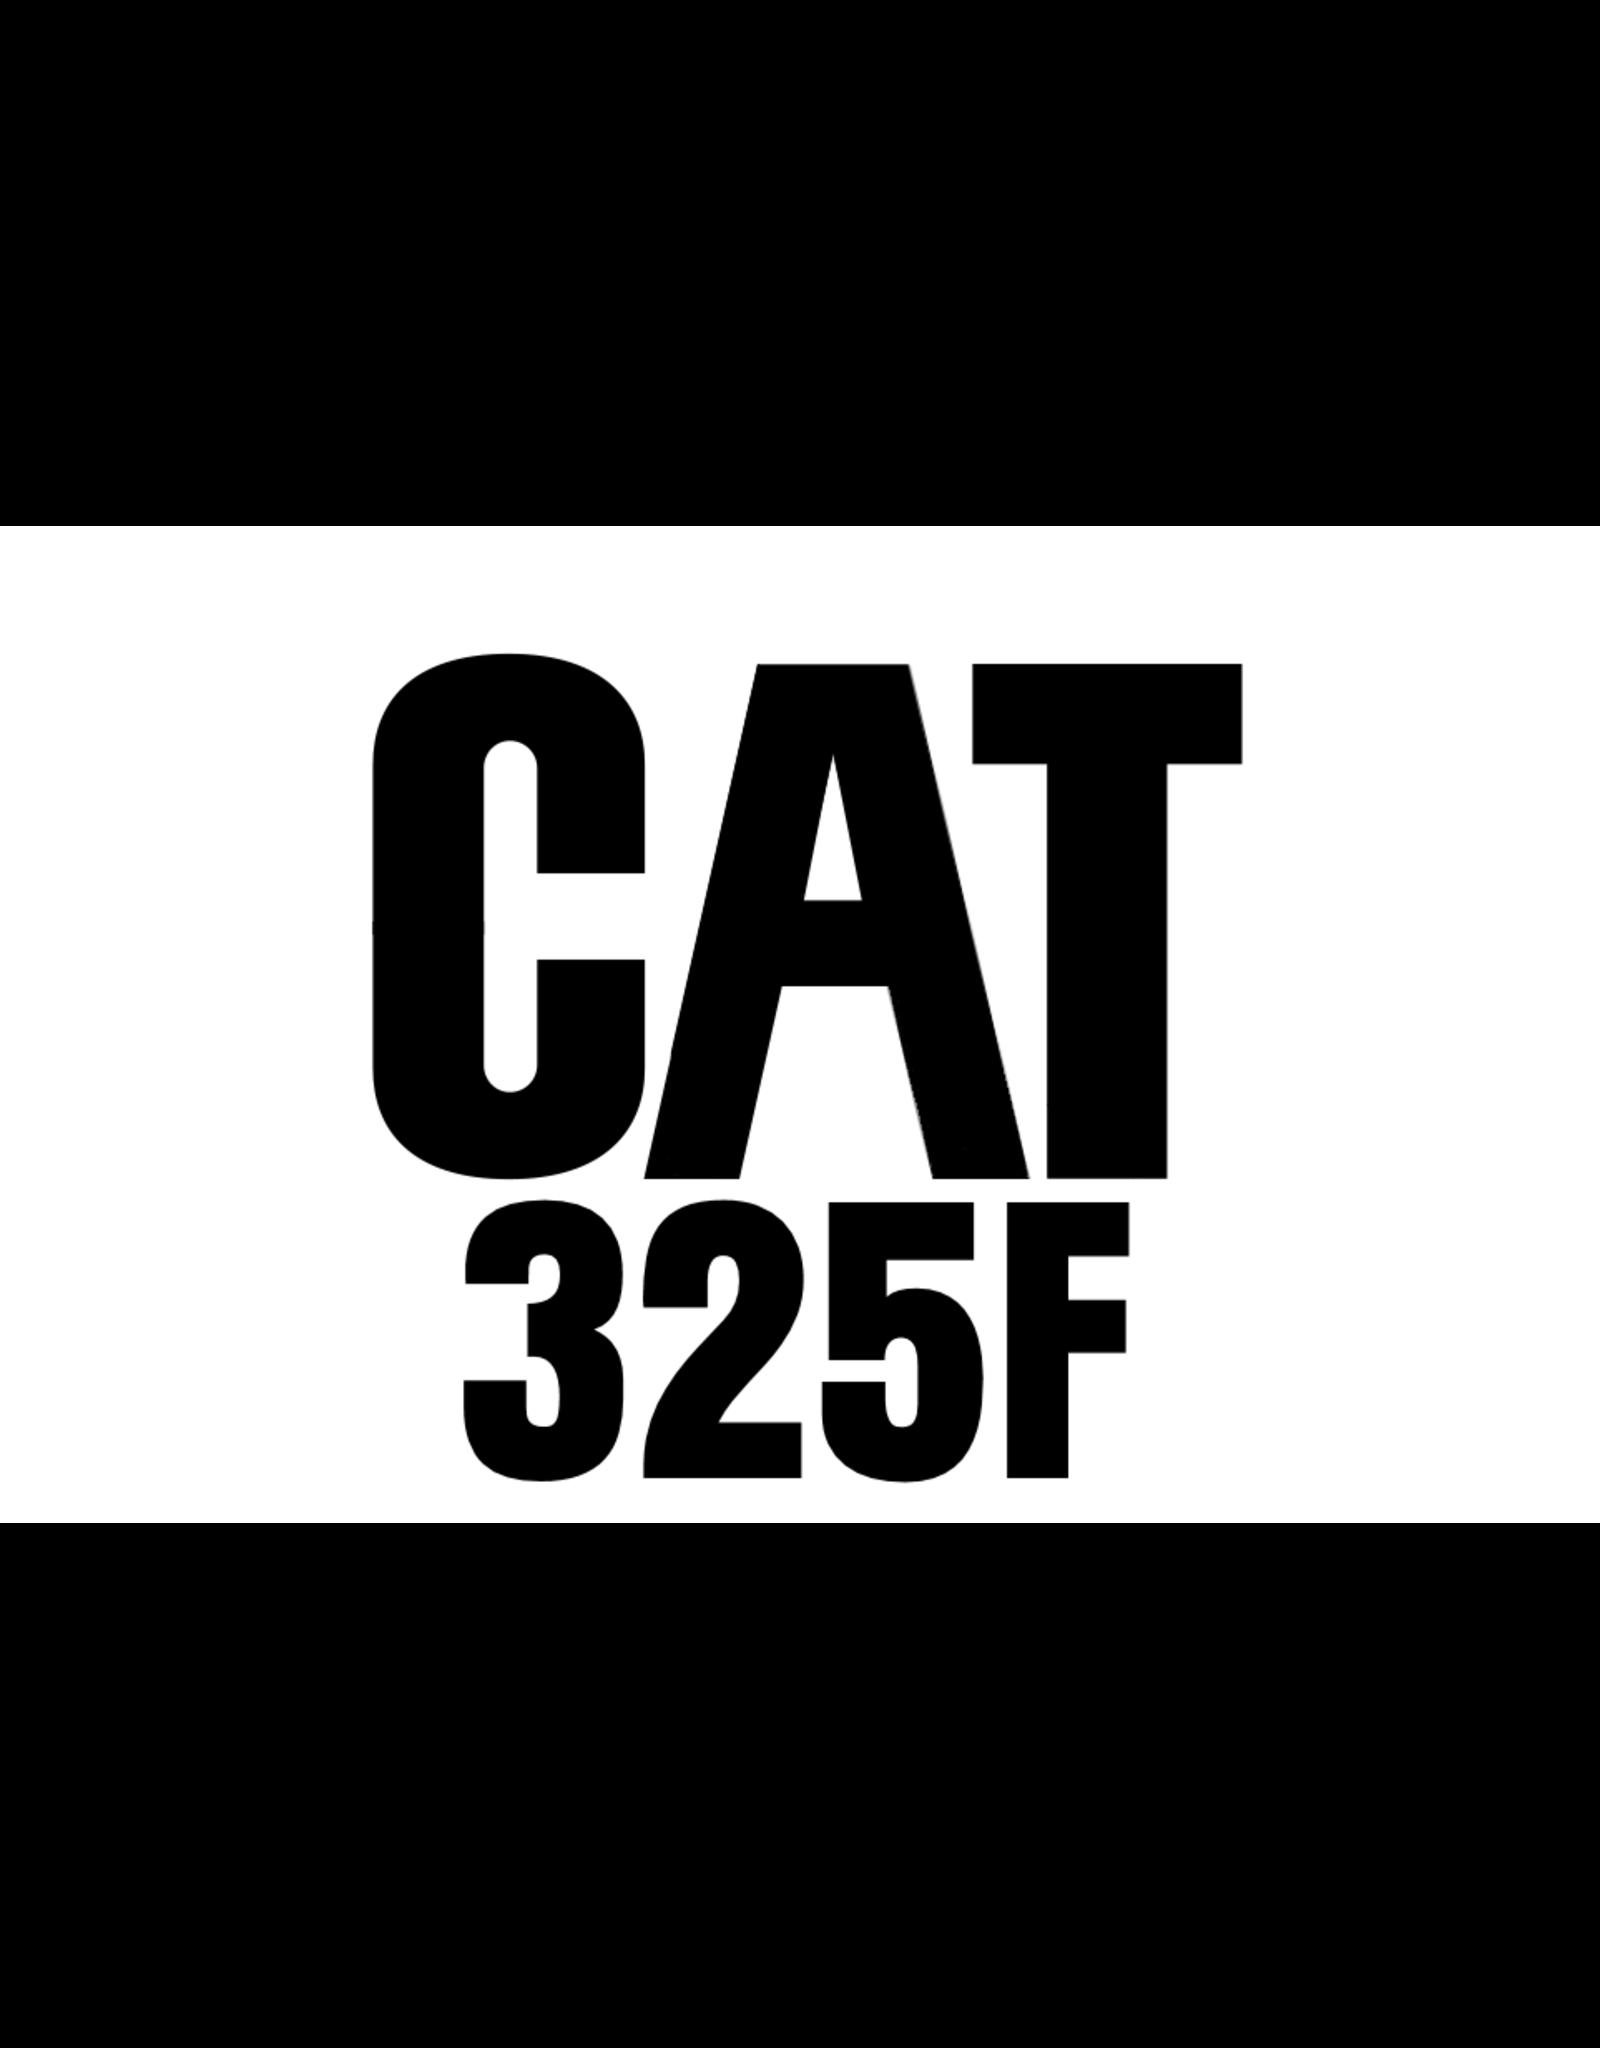 Echle Hartstahl GmbH FOPS für CAT 325F